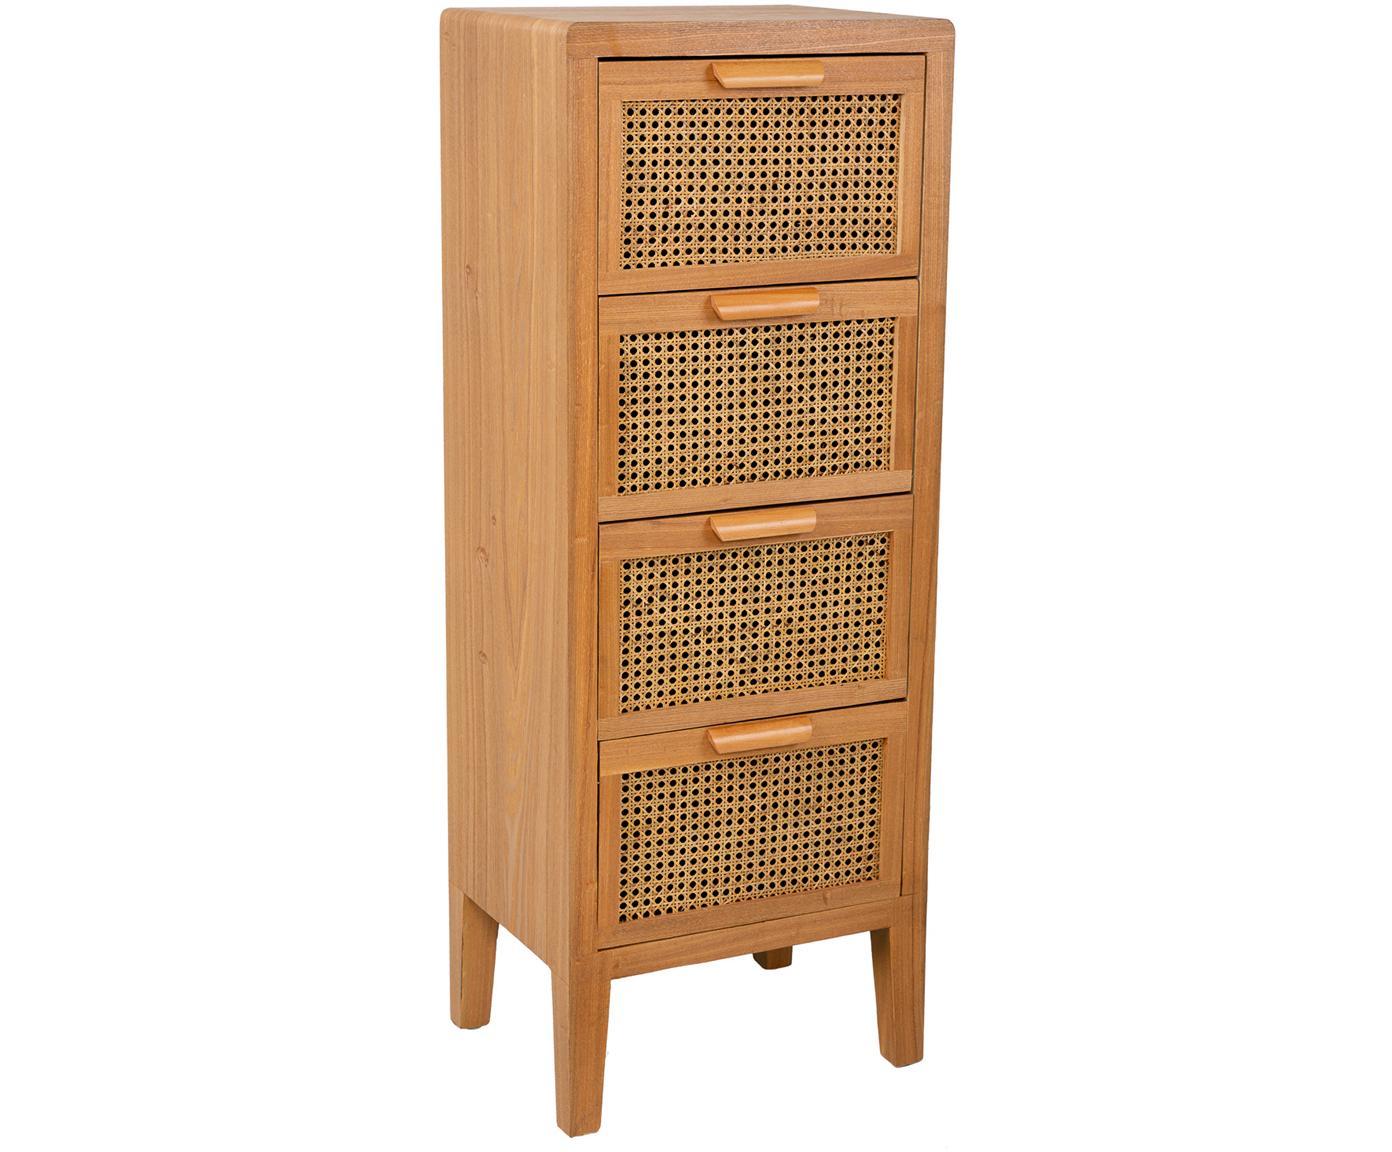 Chiffonier Nina, Estructura: madera de abeto, madera c, Tonos marrones, An 47 x Al 71 cm